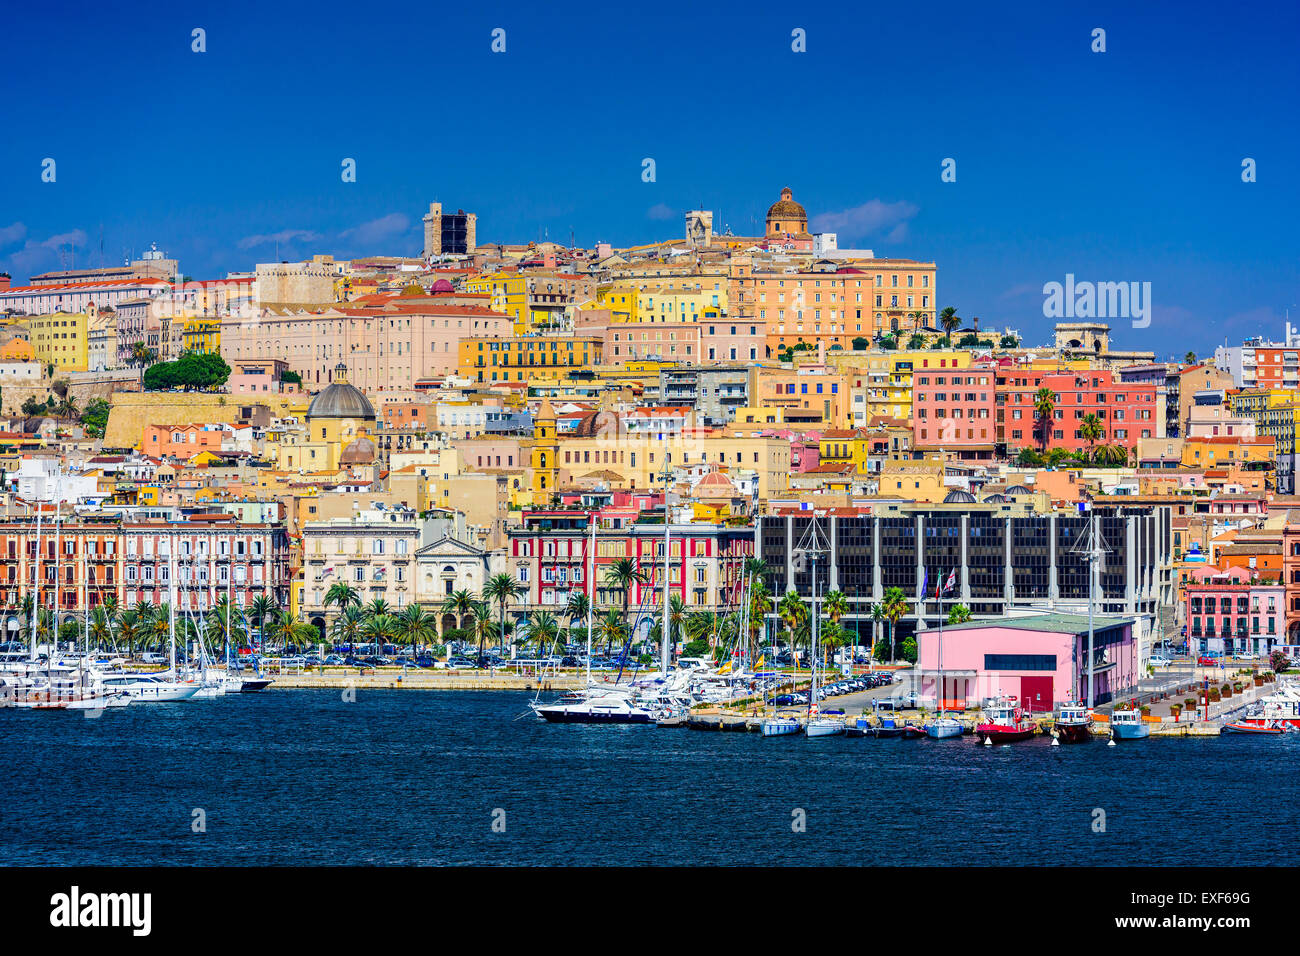 Cagliari, Sardegna, Italia skyline costiere sul Mare Mediterraneo. Immagini Stock